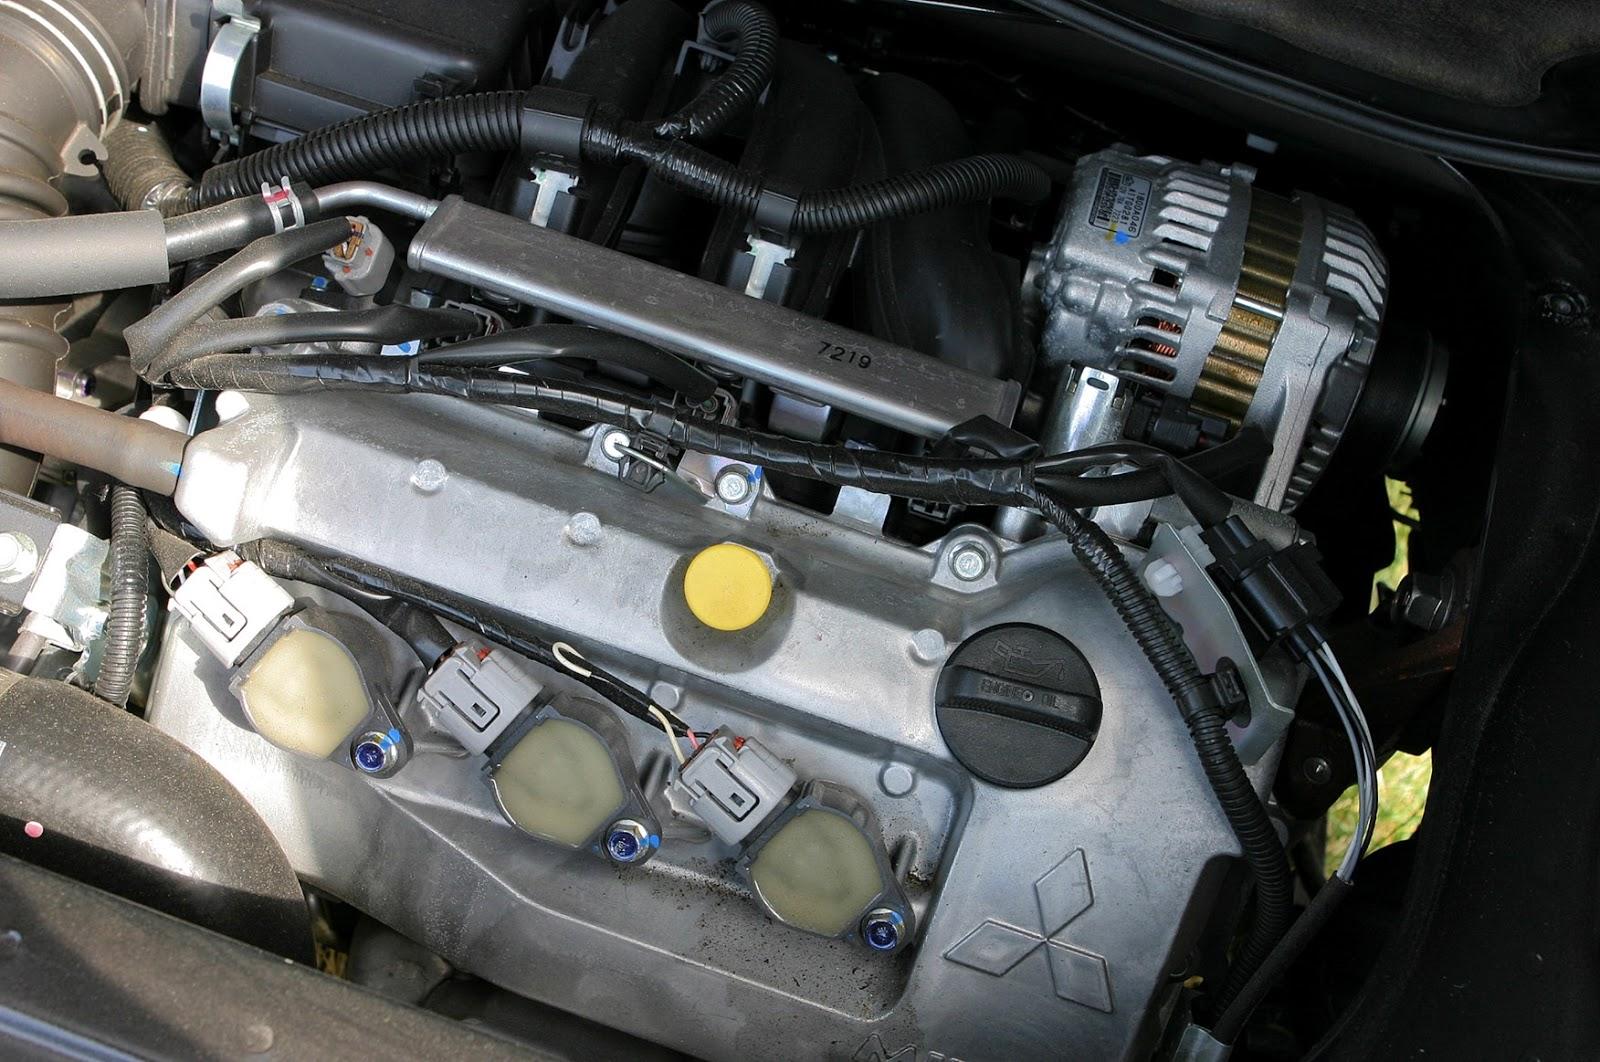 Mitsubishi I engine bay